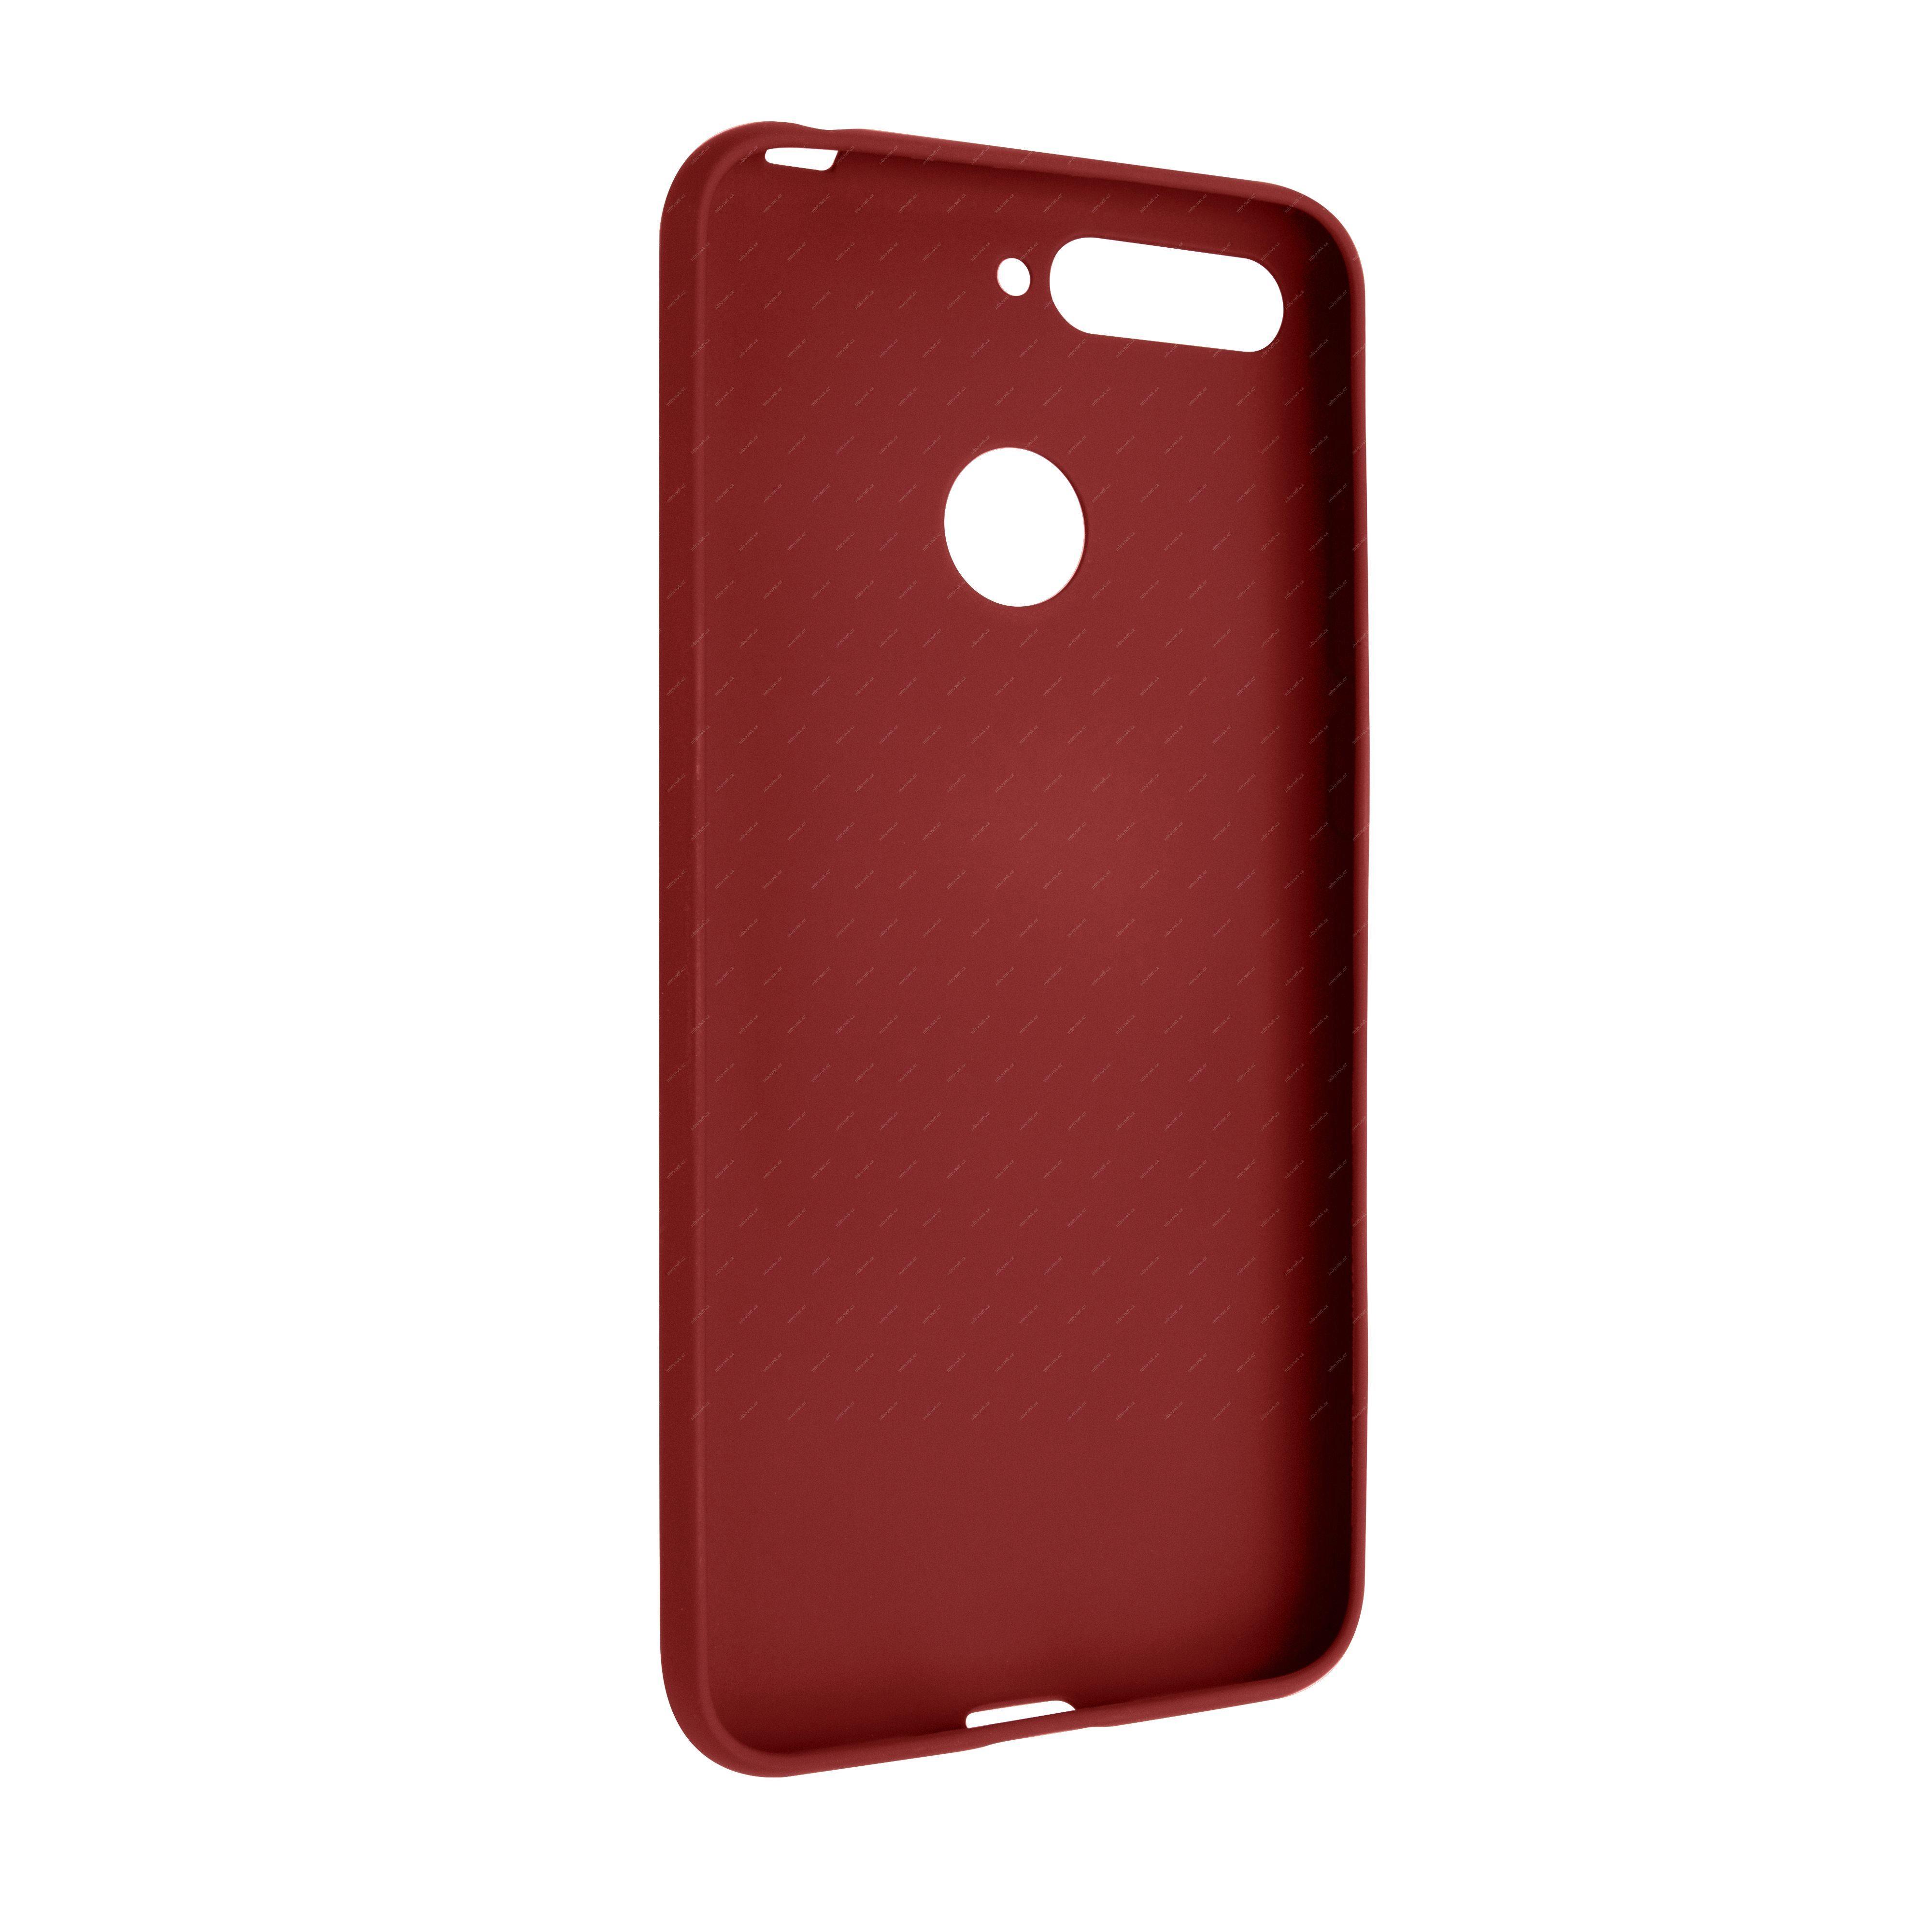 69415949 - FIXED Story Zadní silikonový kryt pro Huawei Y6 Prime (2018)  červená acfe5da007f